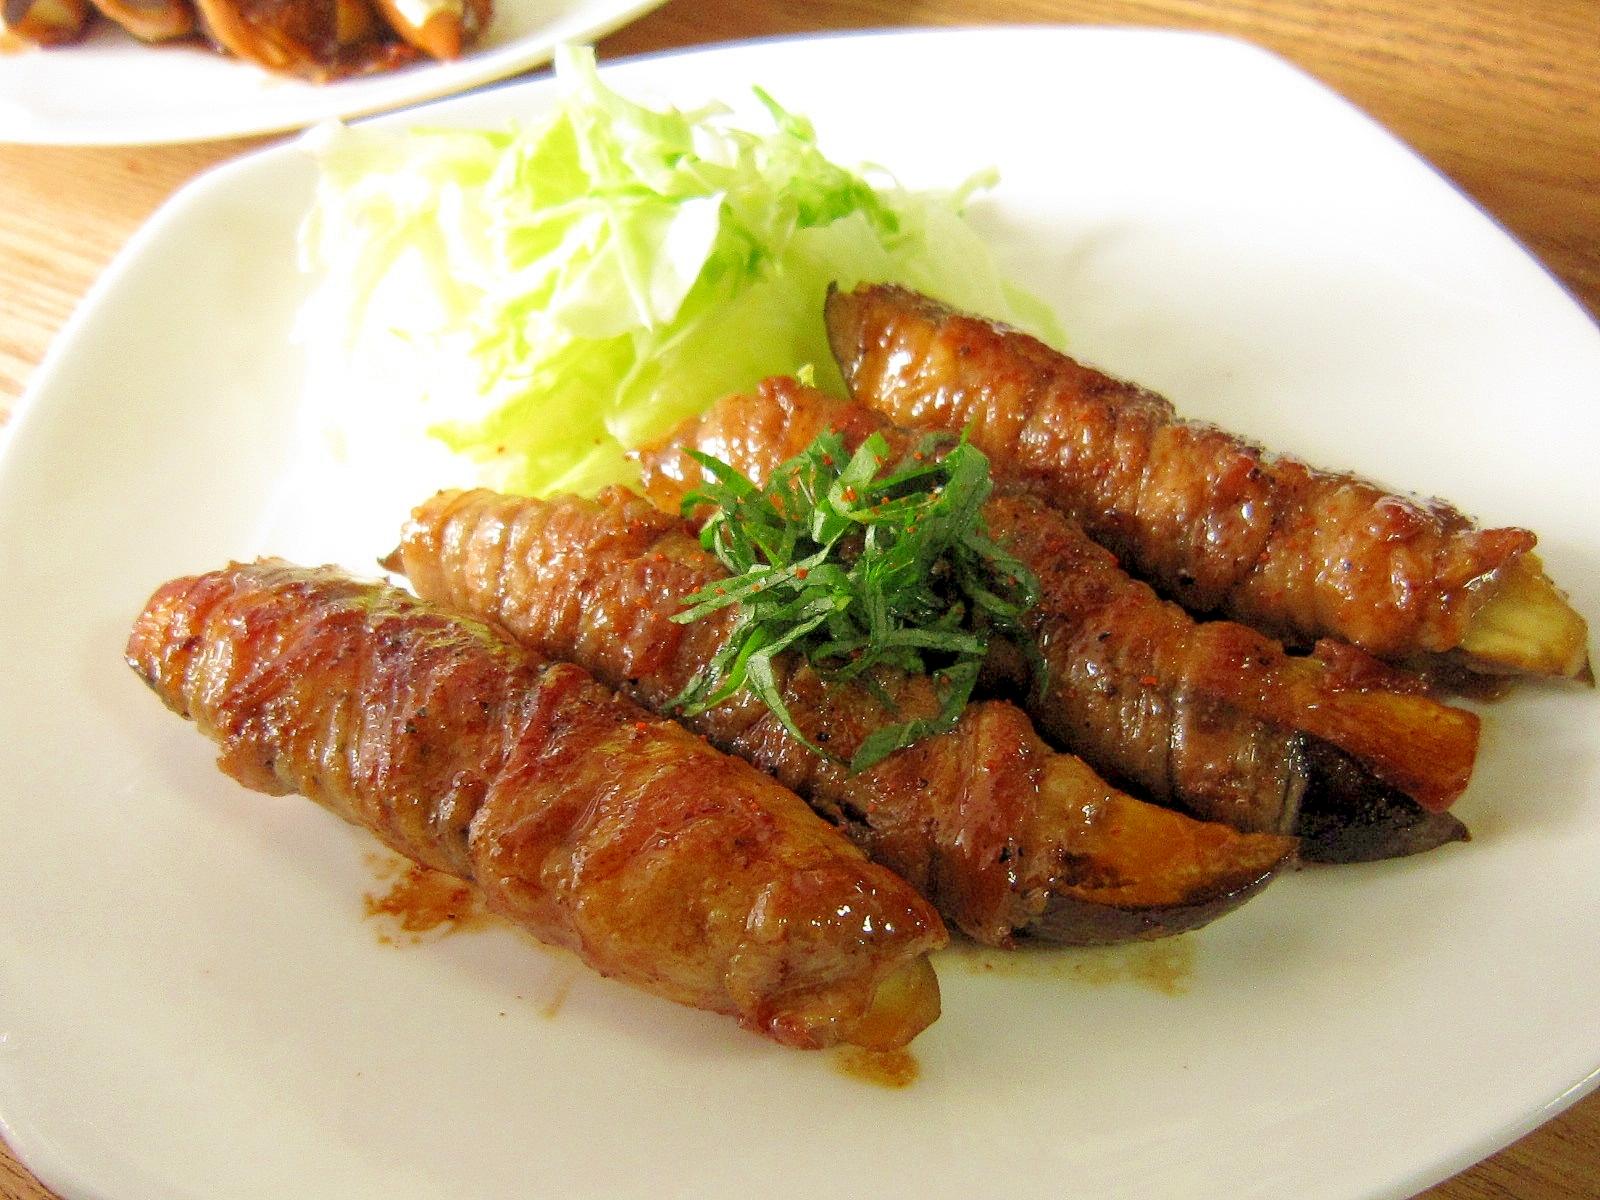 ご飯が進む☆茄子の豚バラ巻き レシピ・作り方 by cappuccio1124 楽天レシピ